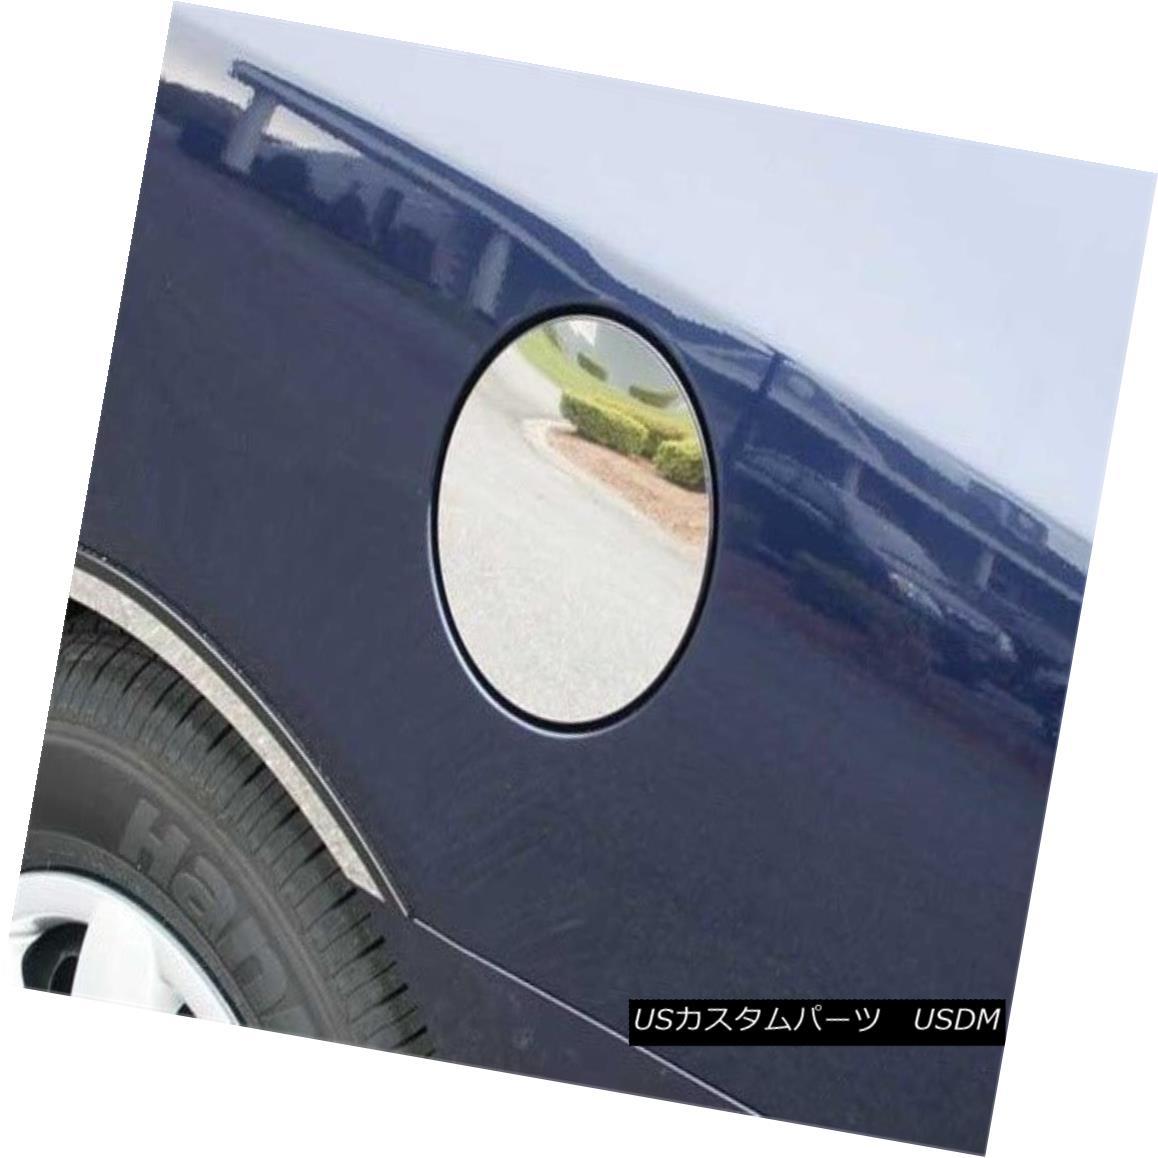 グリル Fits 2007-2010 HYUNDAI ELANTRA 4-door -Stainless Steel GAS CAP DOOR フィット2007-2010 HYUNDAI ELANTRA 4ドア - ステンレススチールGAS CAP DOOR